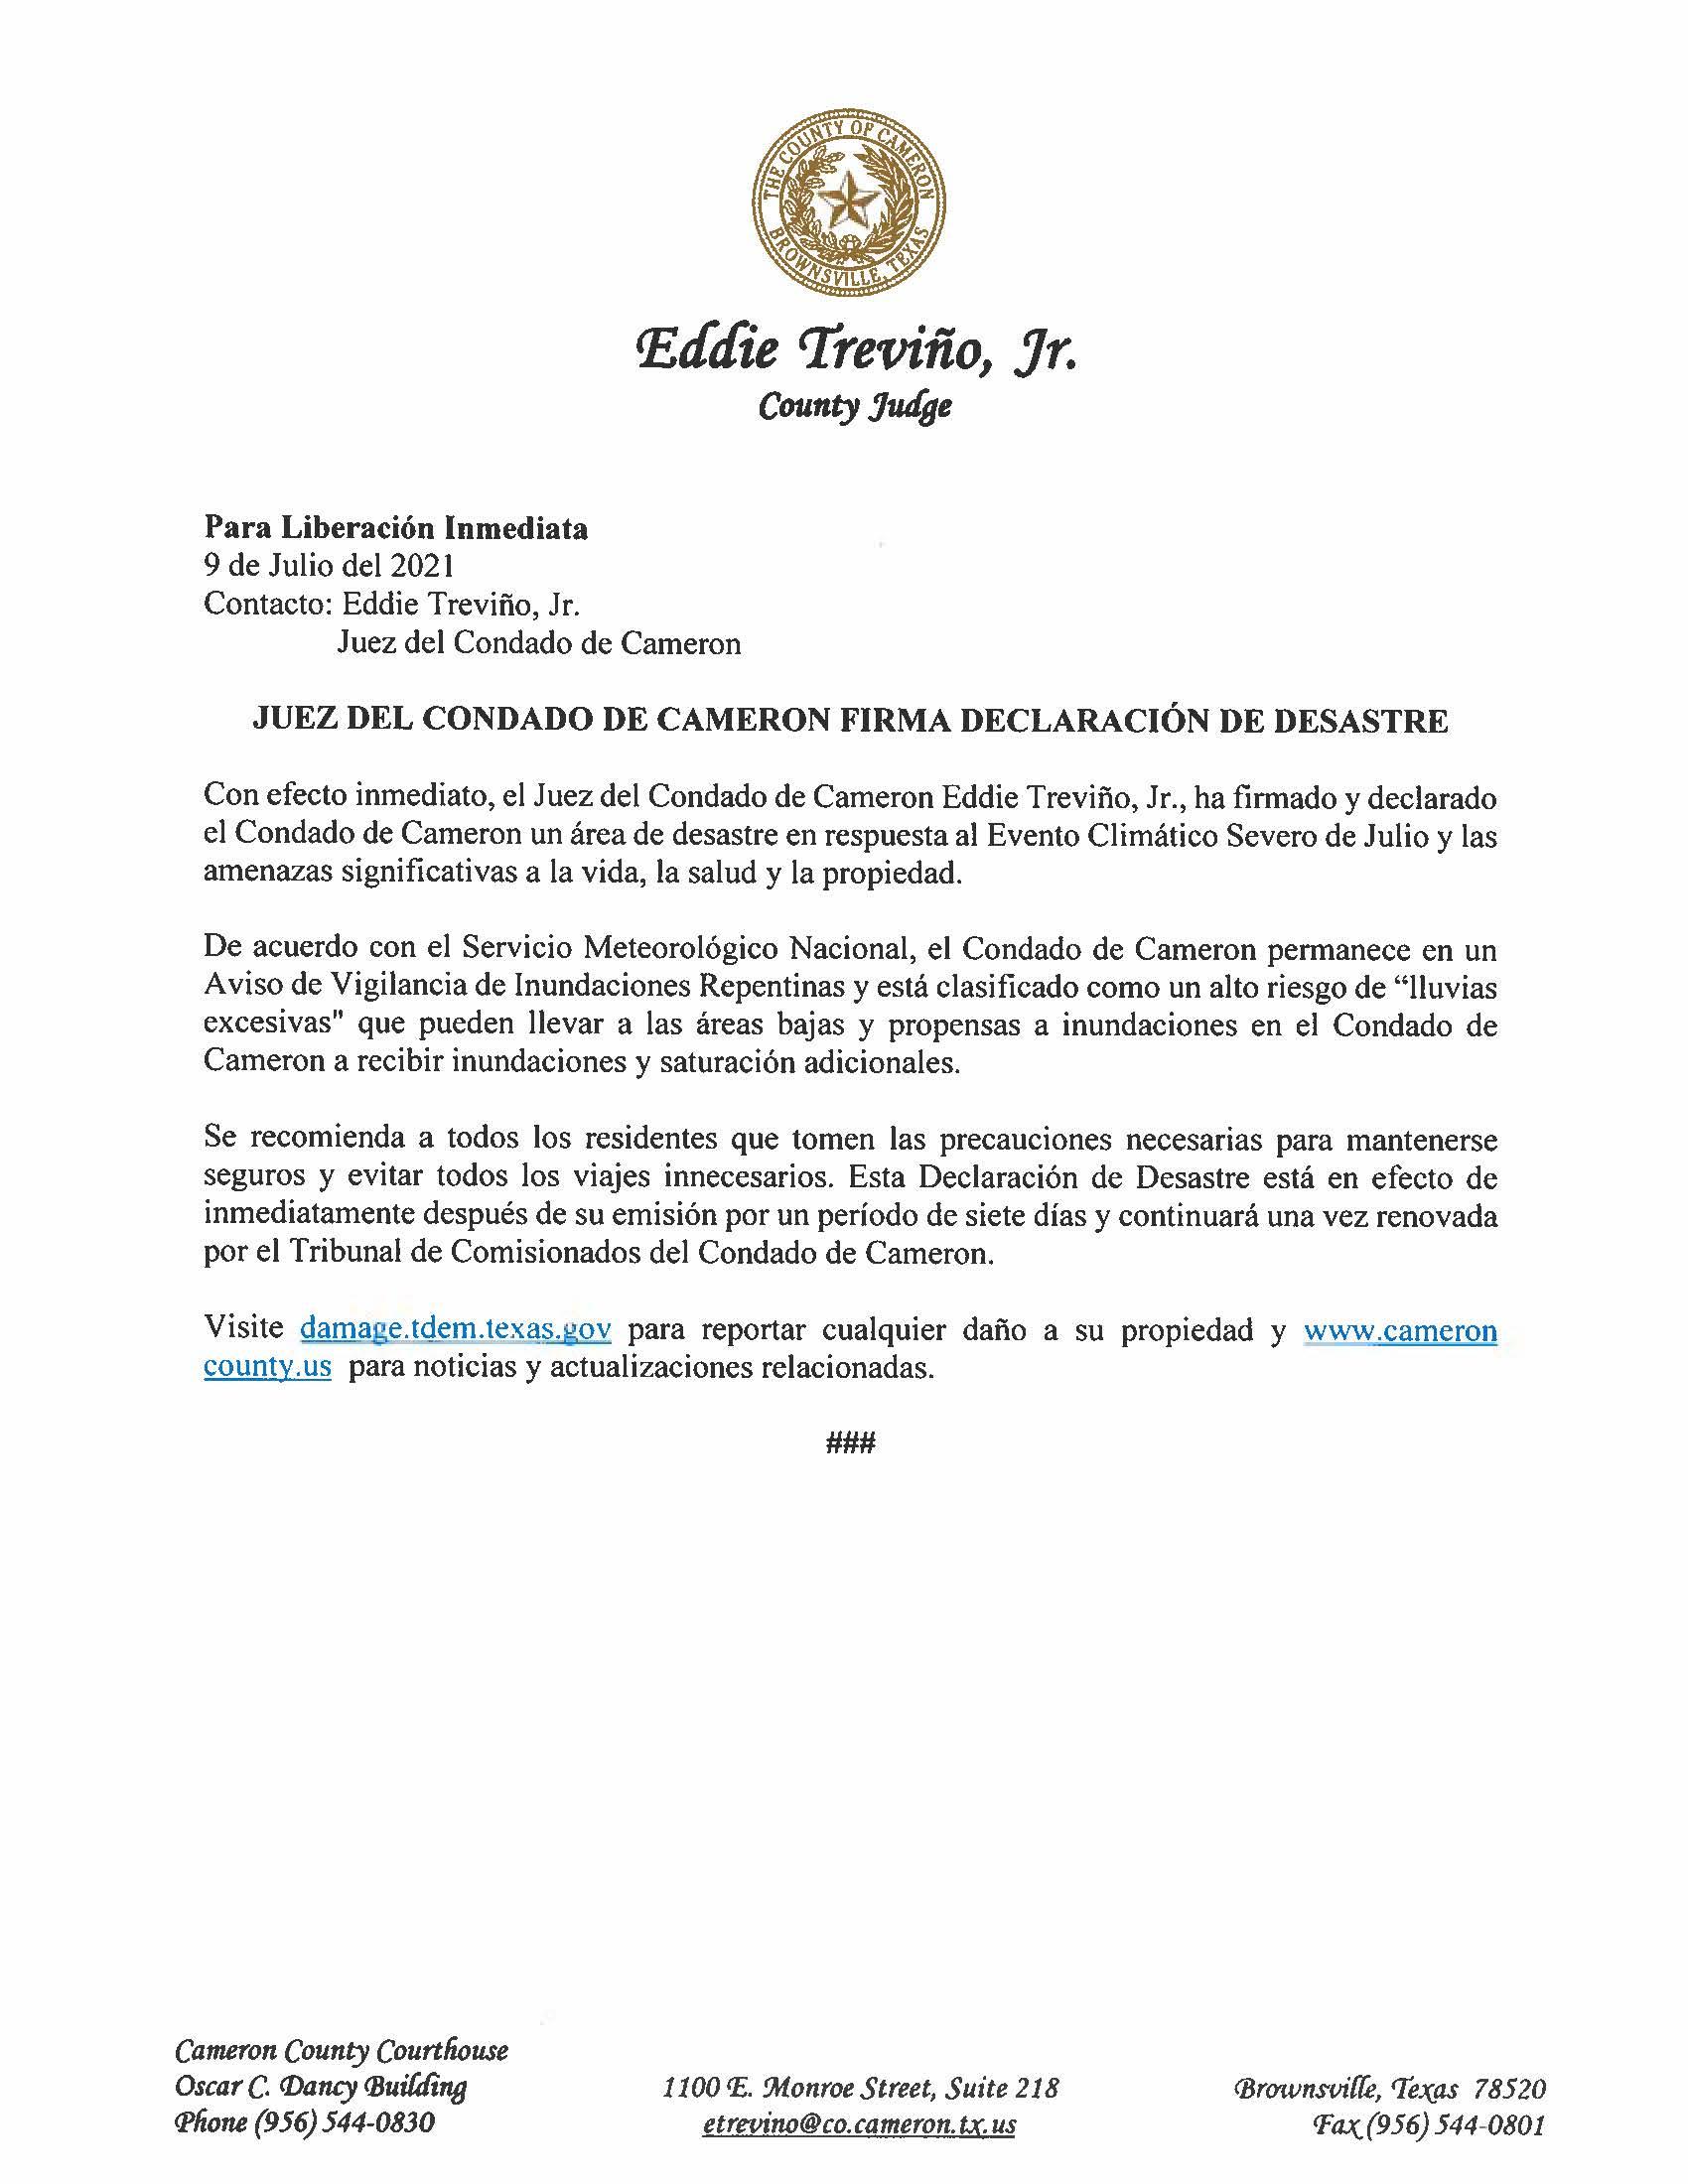 7.9.21 Juez Del Condado De Cameron Firma Declaracion De Desastre Evento Climatico Severo De Julio